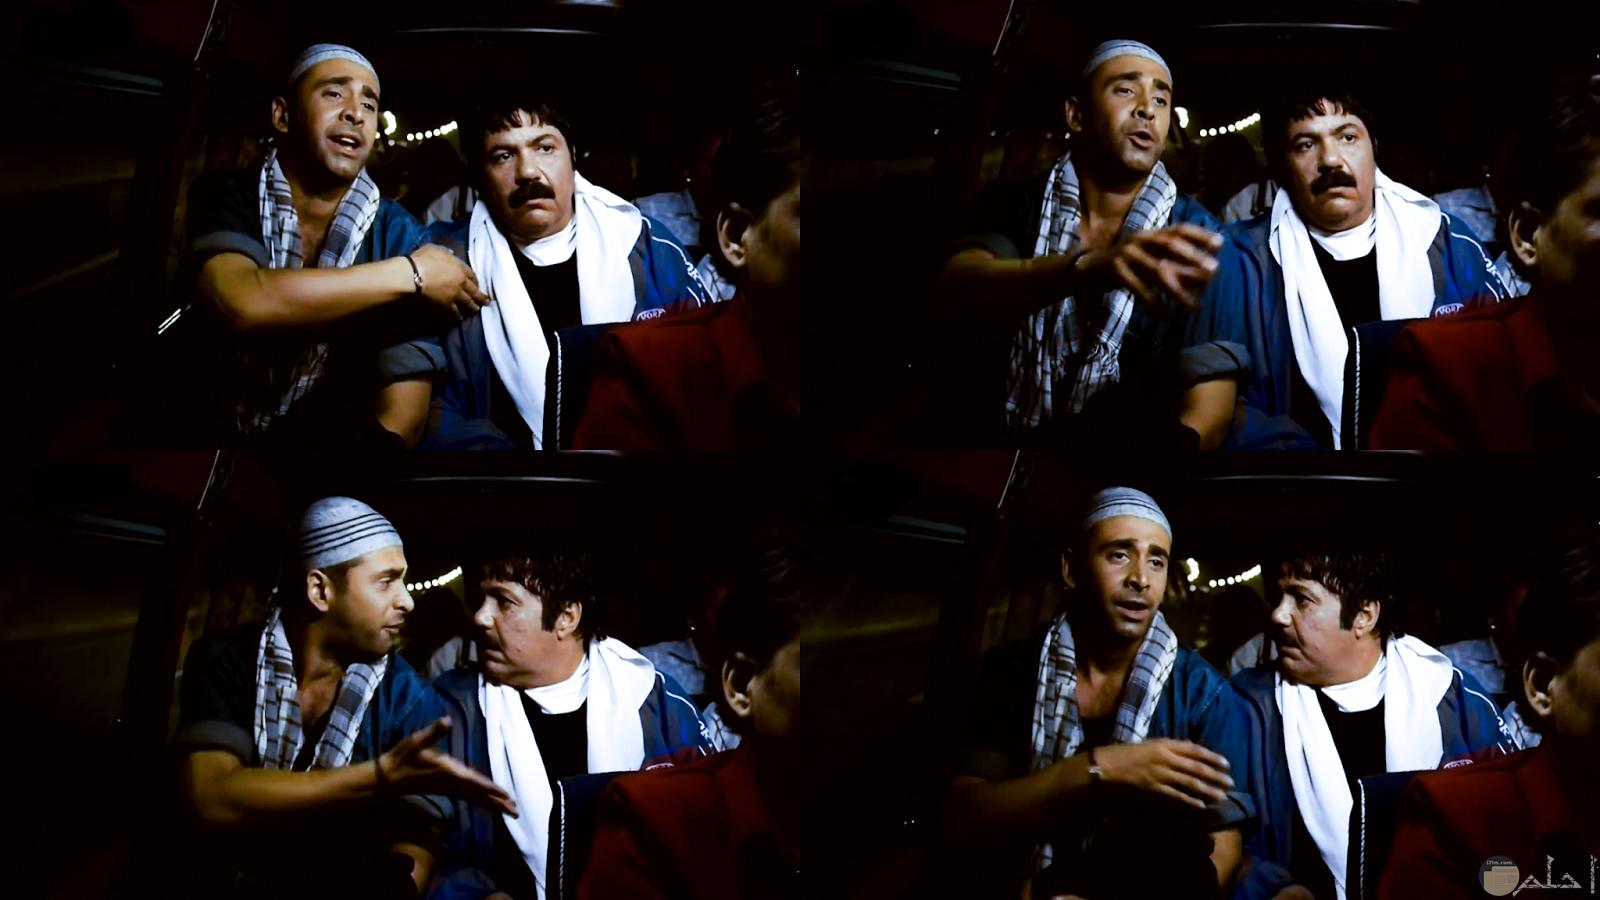 فيلم أبو علي